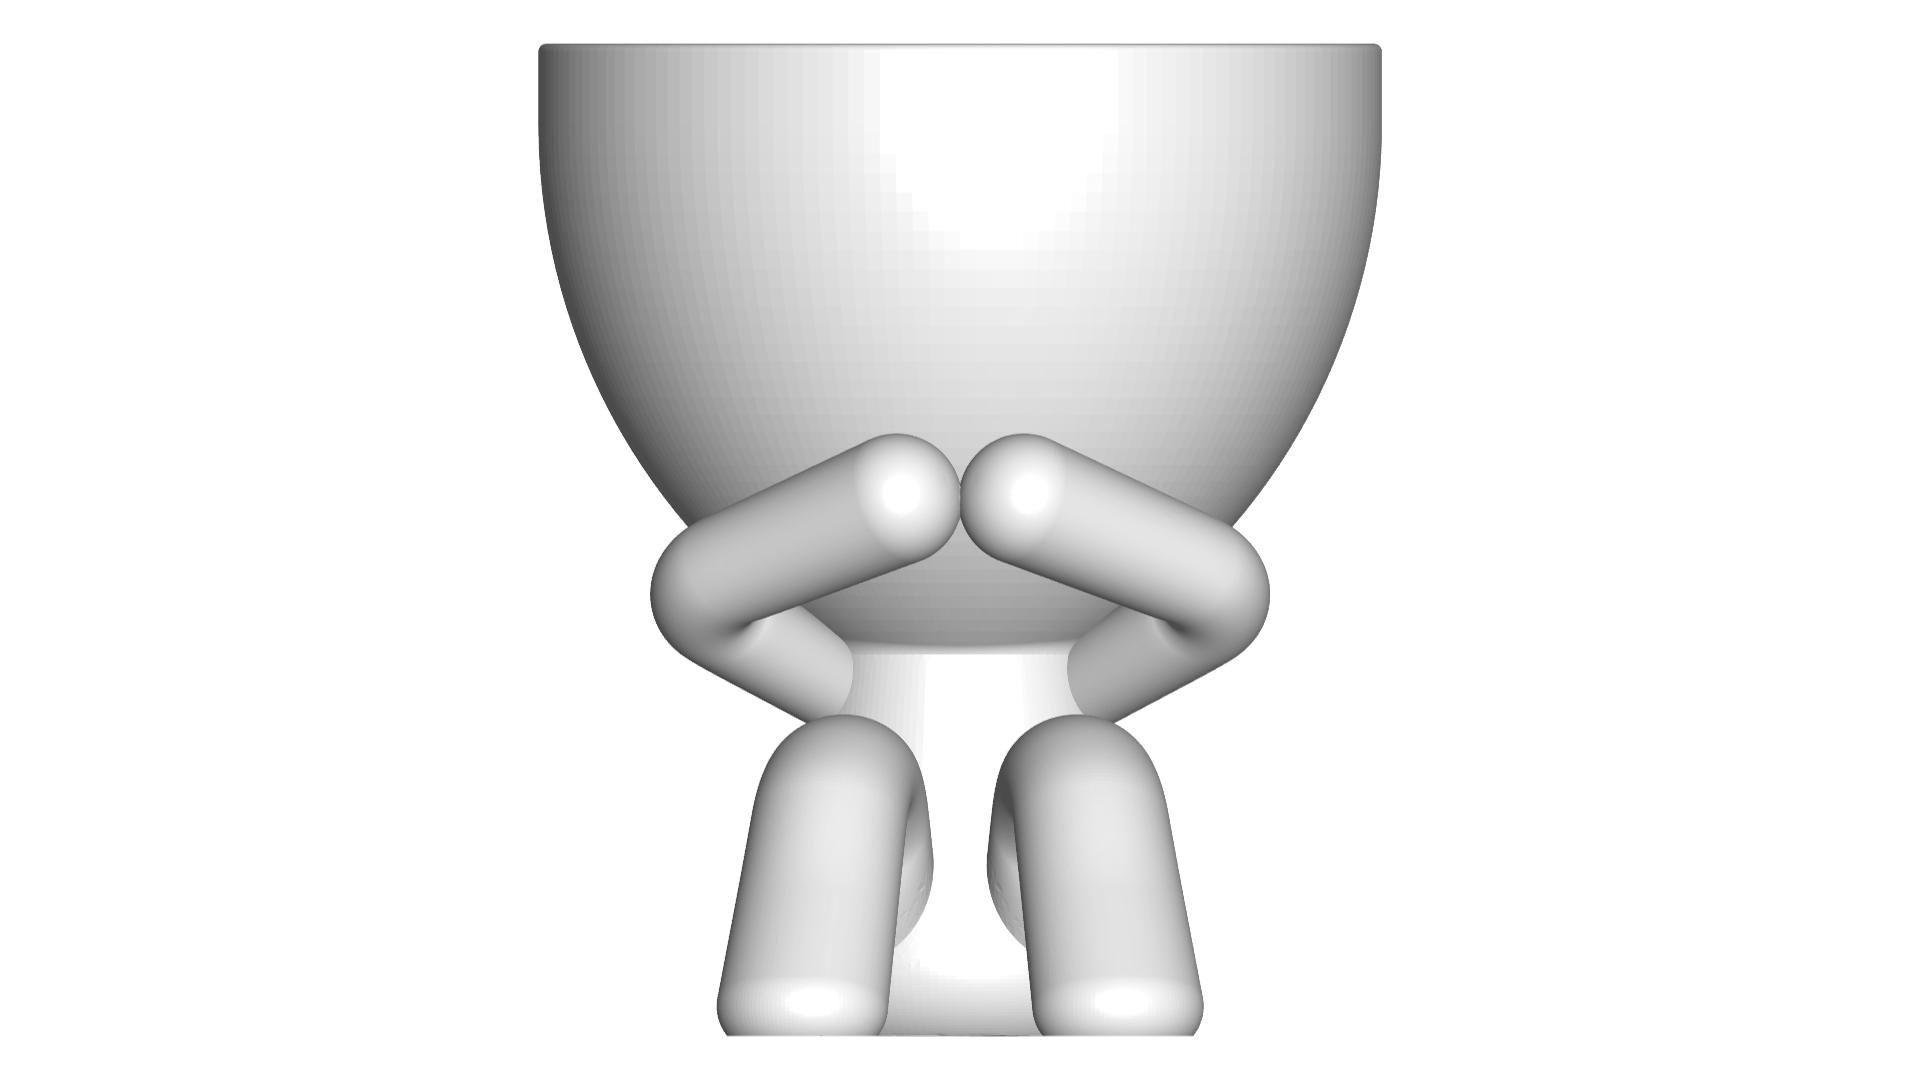 3_blanco_1.png Télécharger fichier STL gratuit POT DE VERRE ROBERT WISE JE NE PARLE PAS • Modèle pour impression 3D, CREATIONSISHI